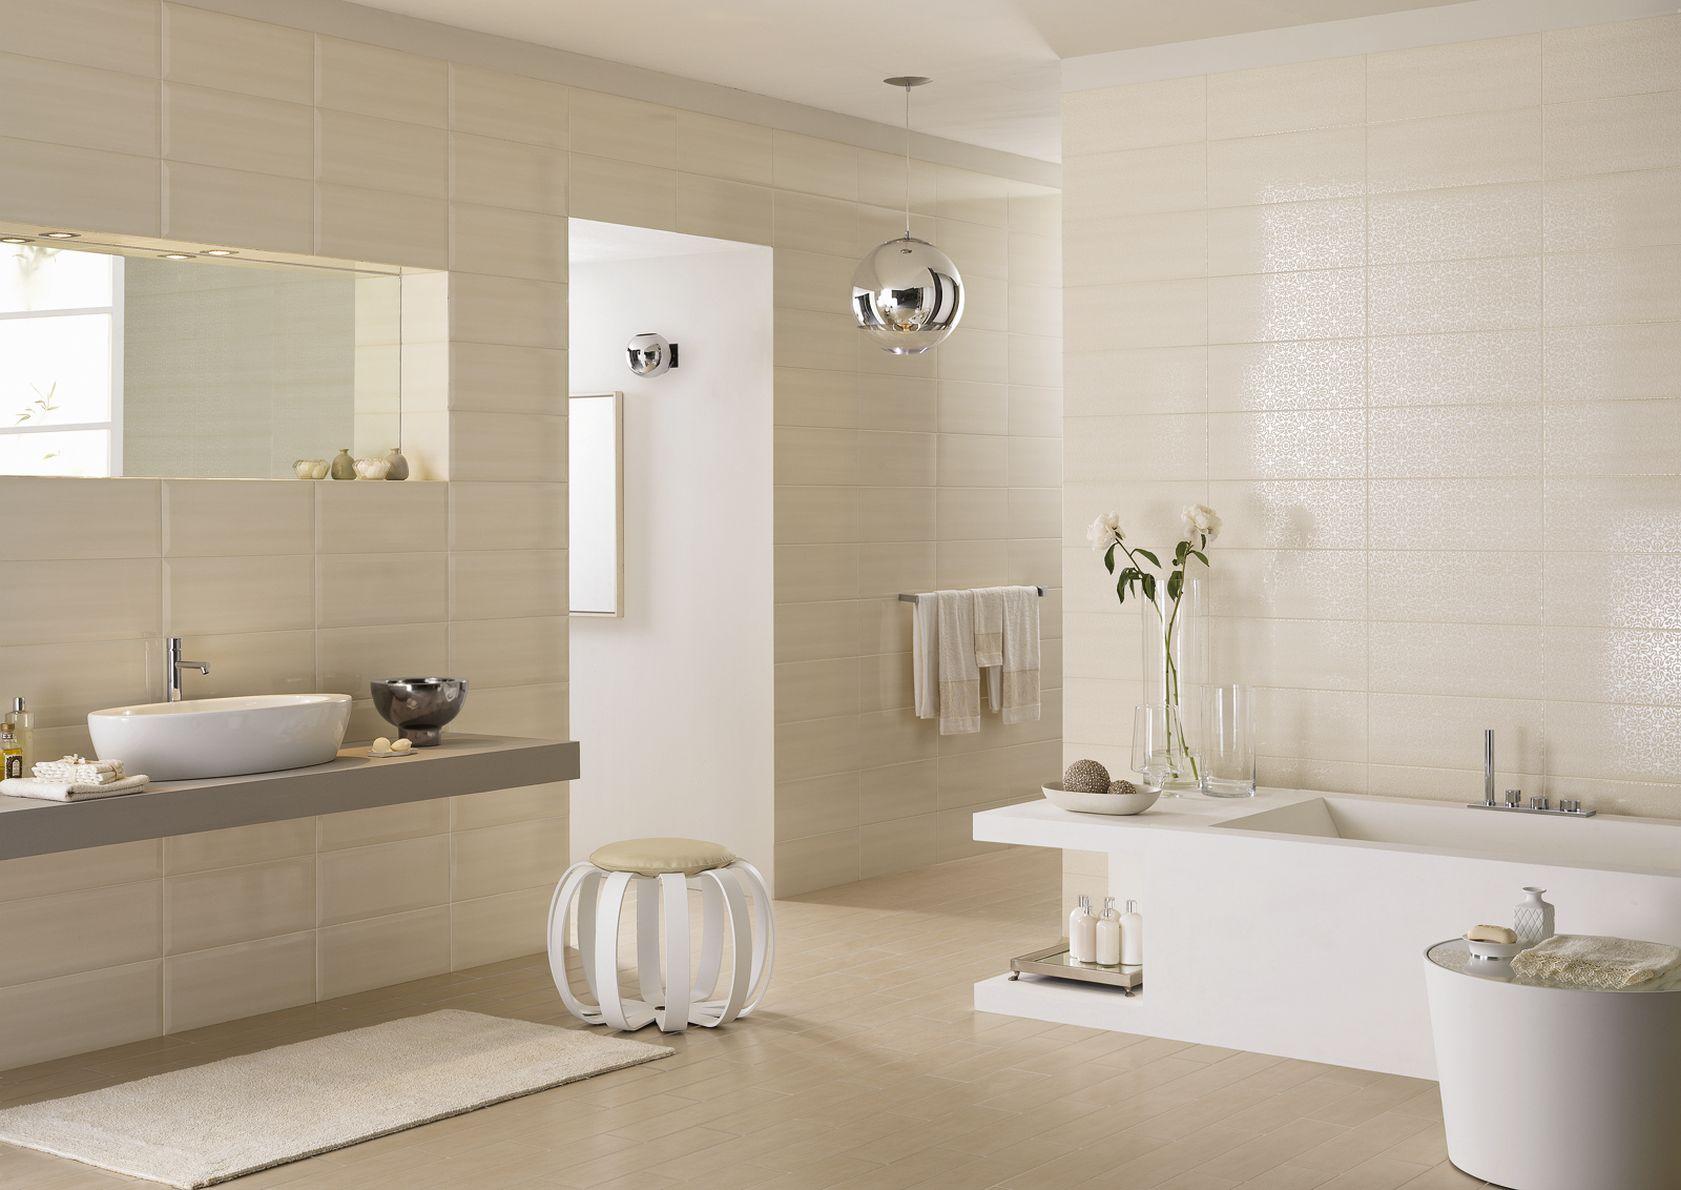 Carrelage Salle De Bain Jaune: Mobilier salle bain en pierre grise ...